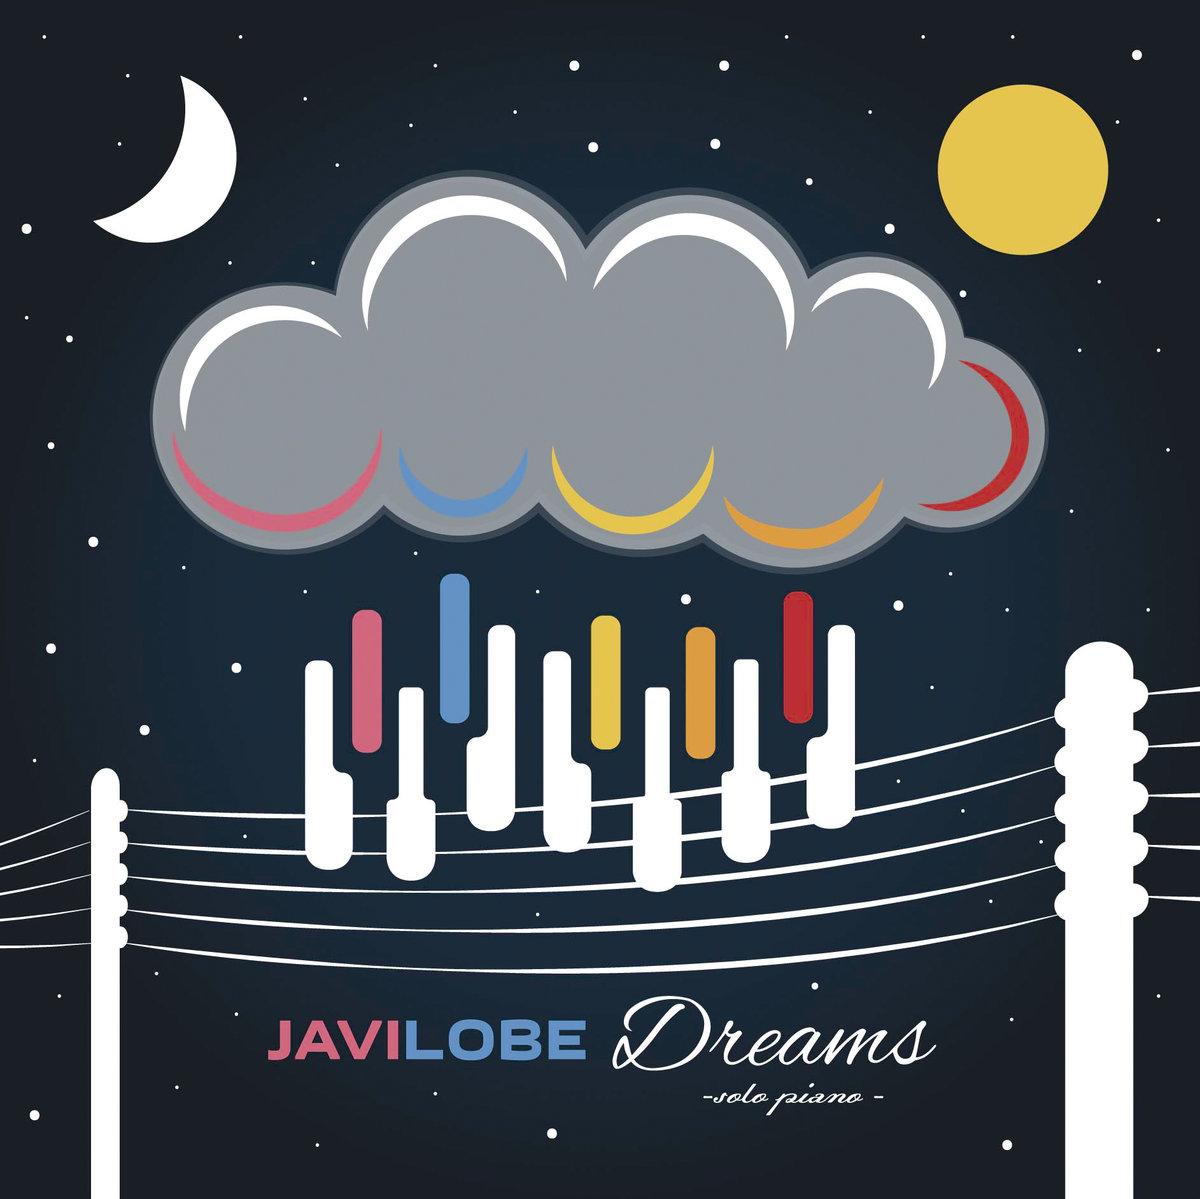 Javi Lobe - Dreams